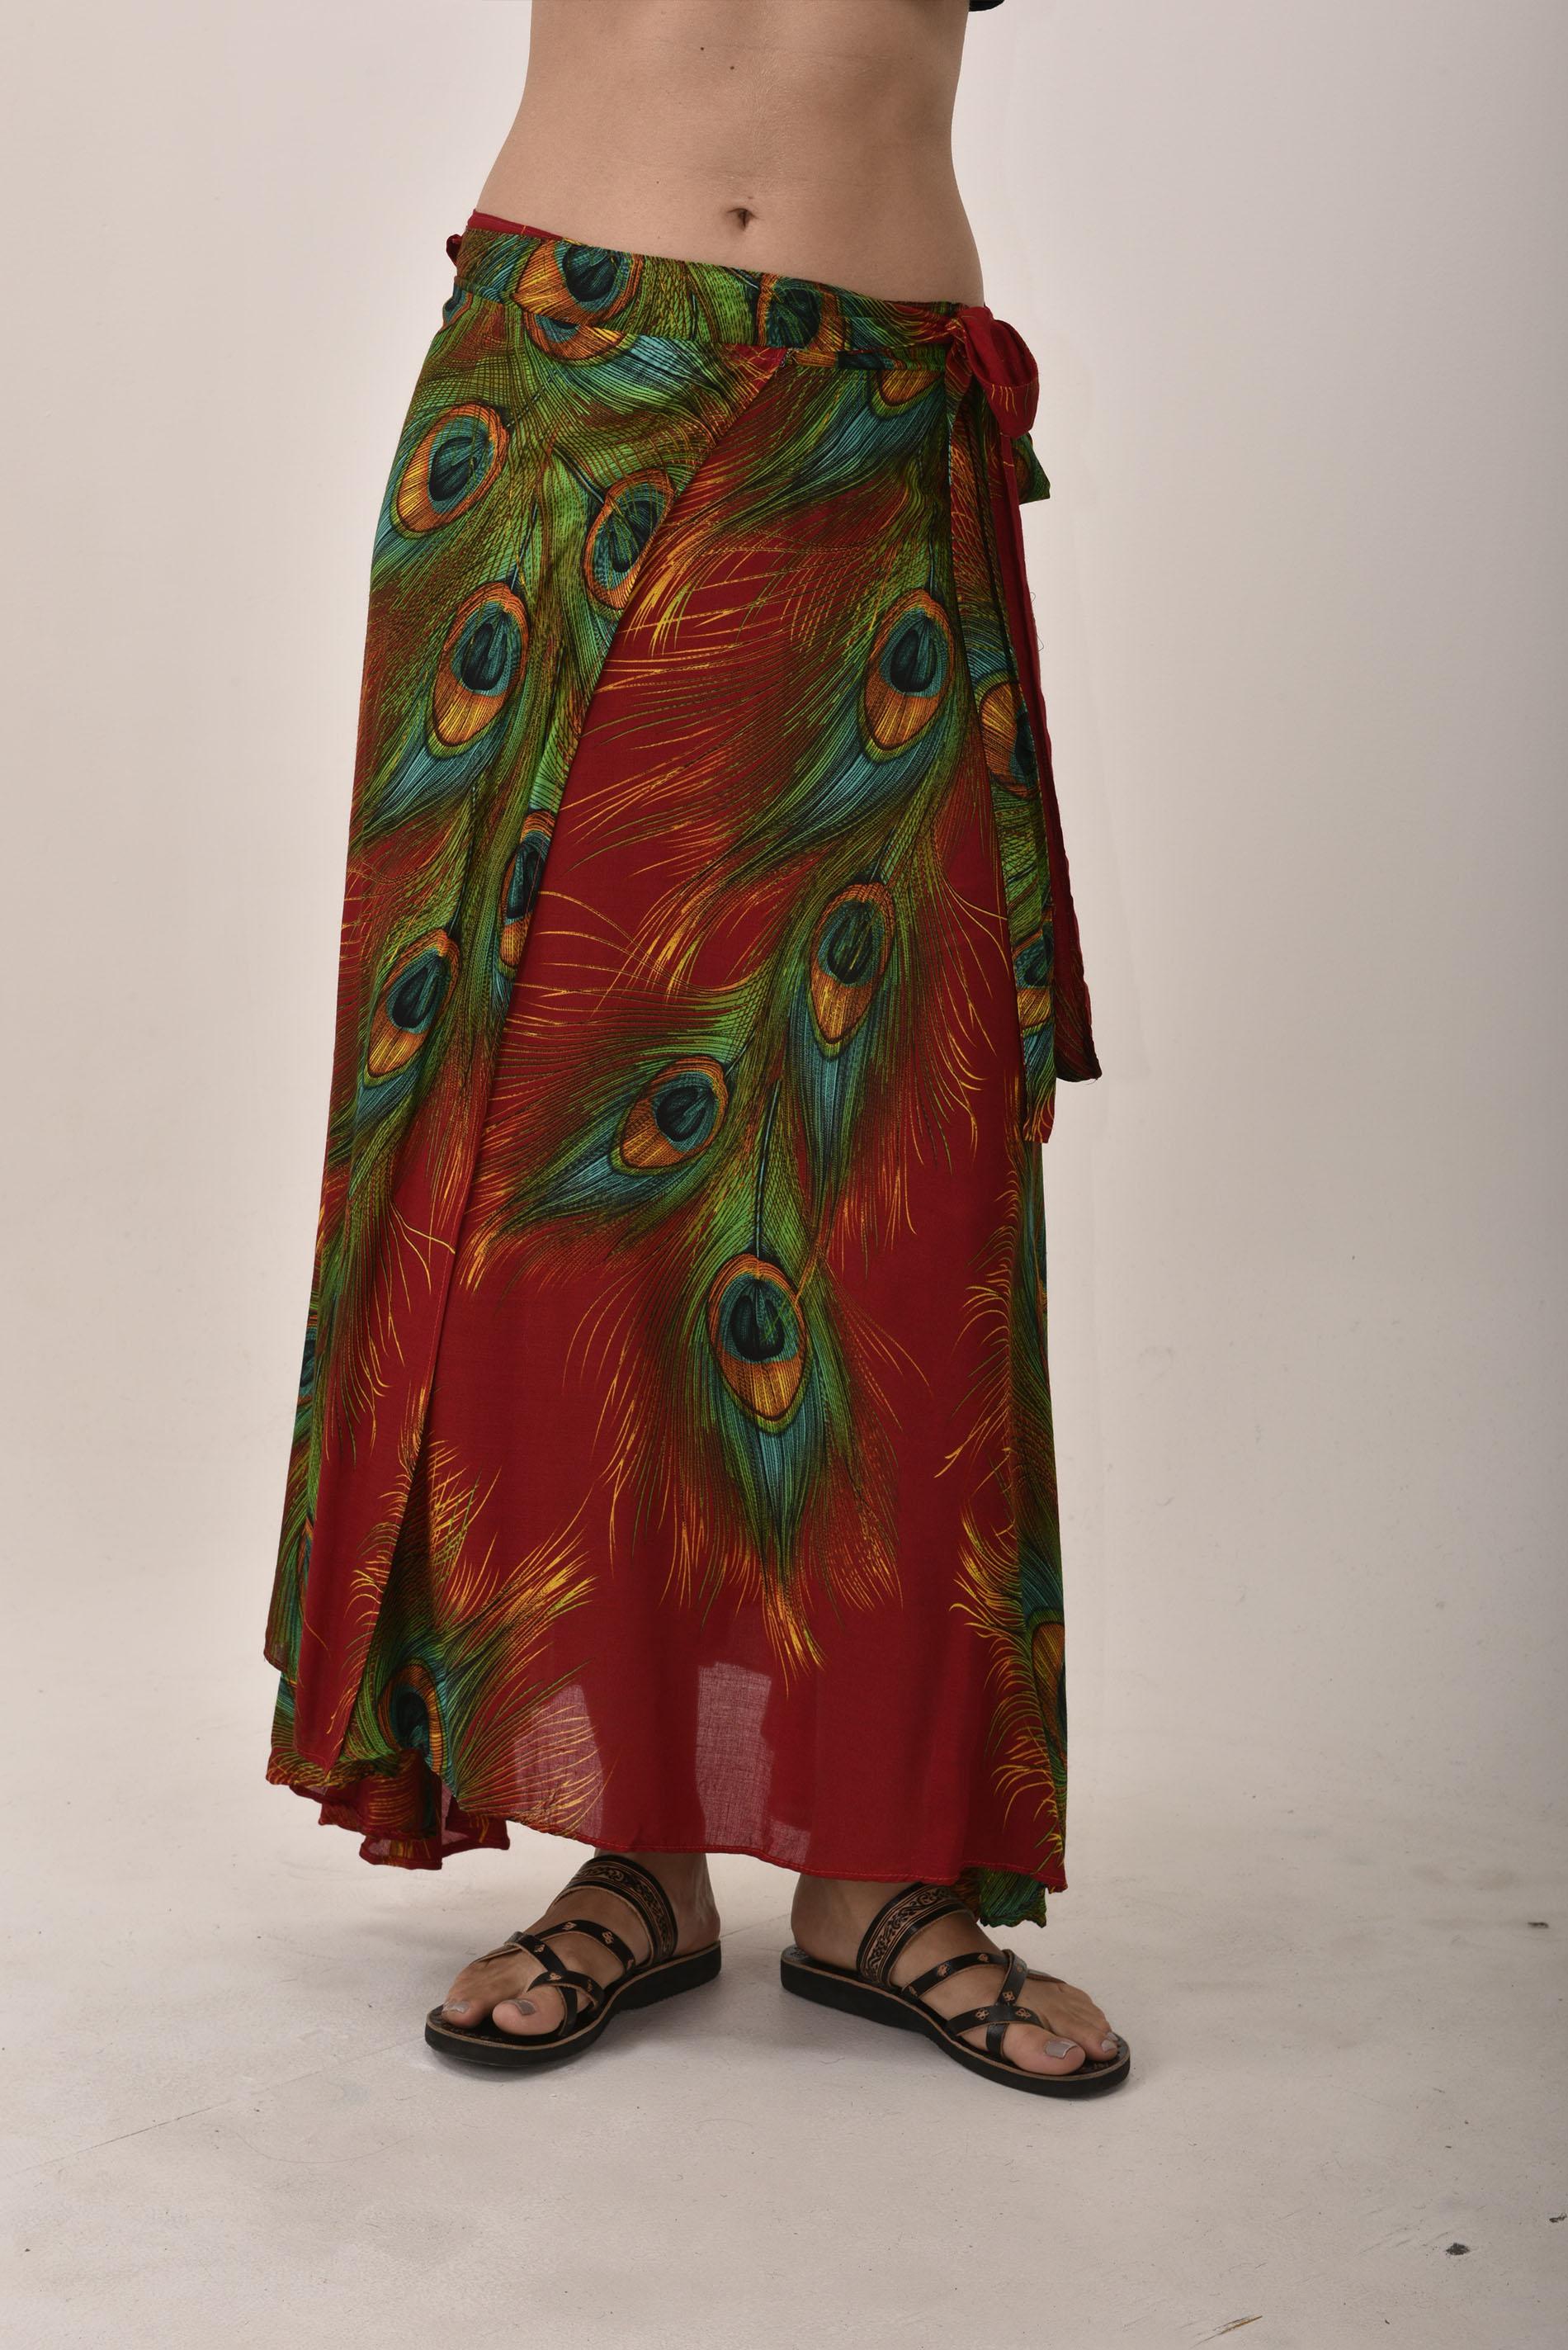 Peacock Print Long Wrap Skirt Rayon